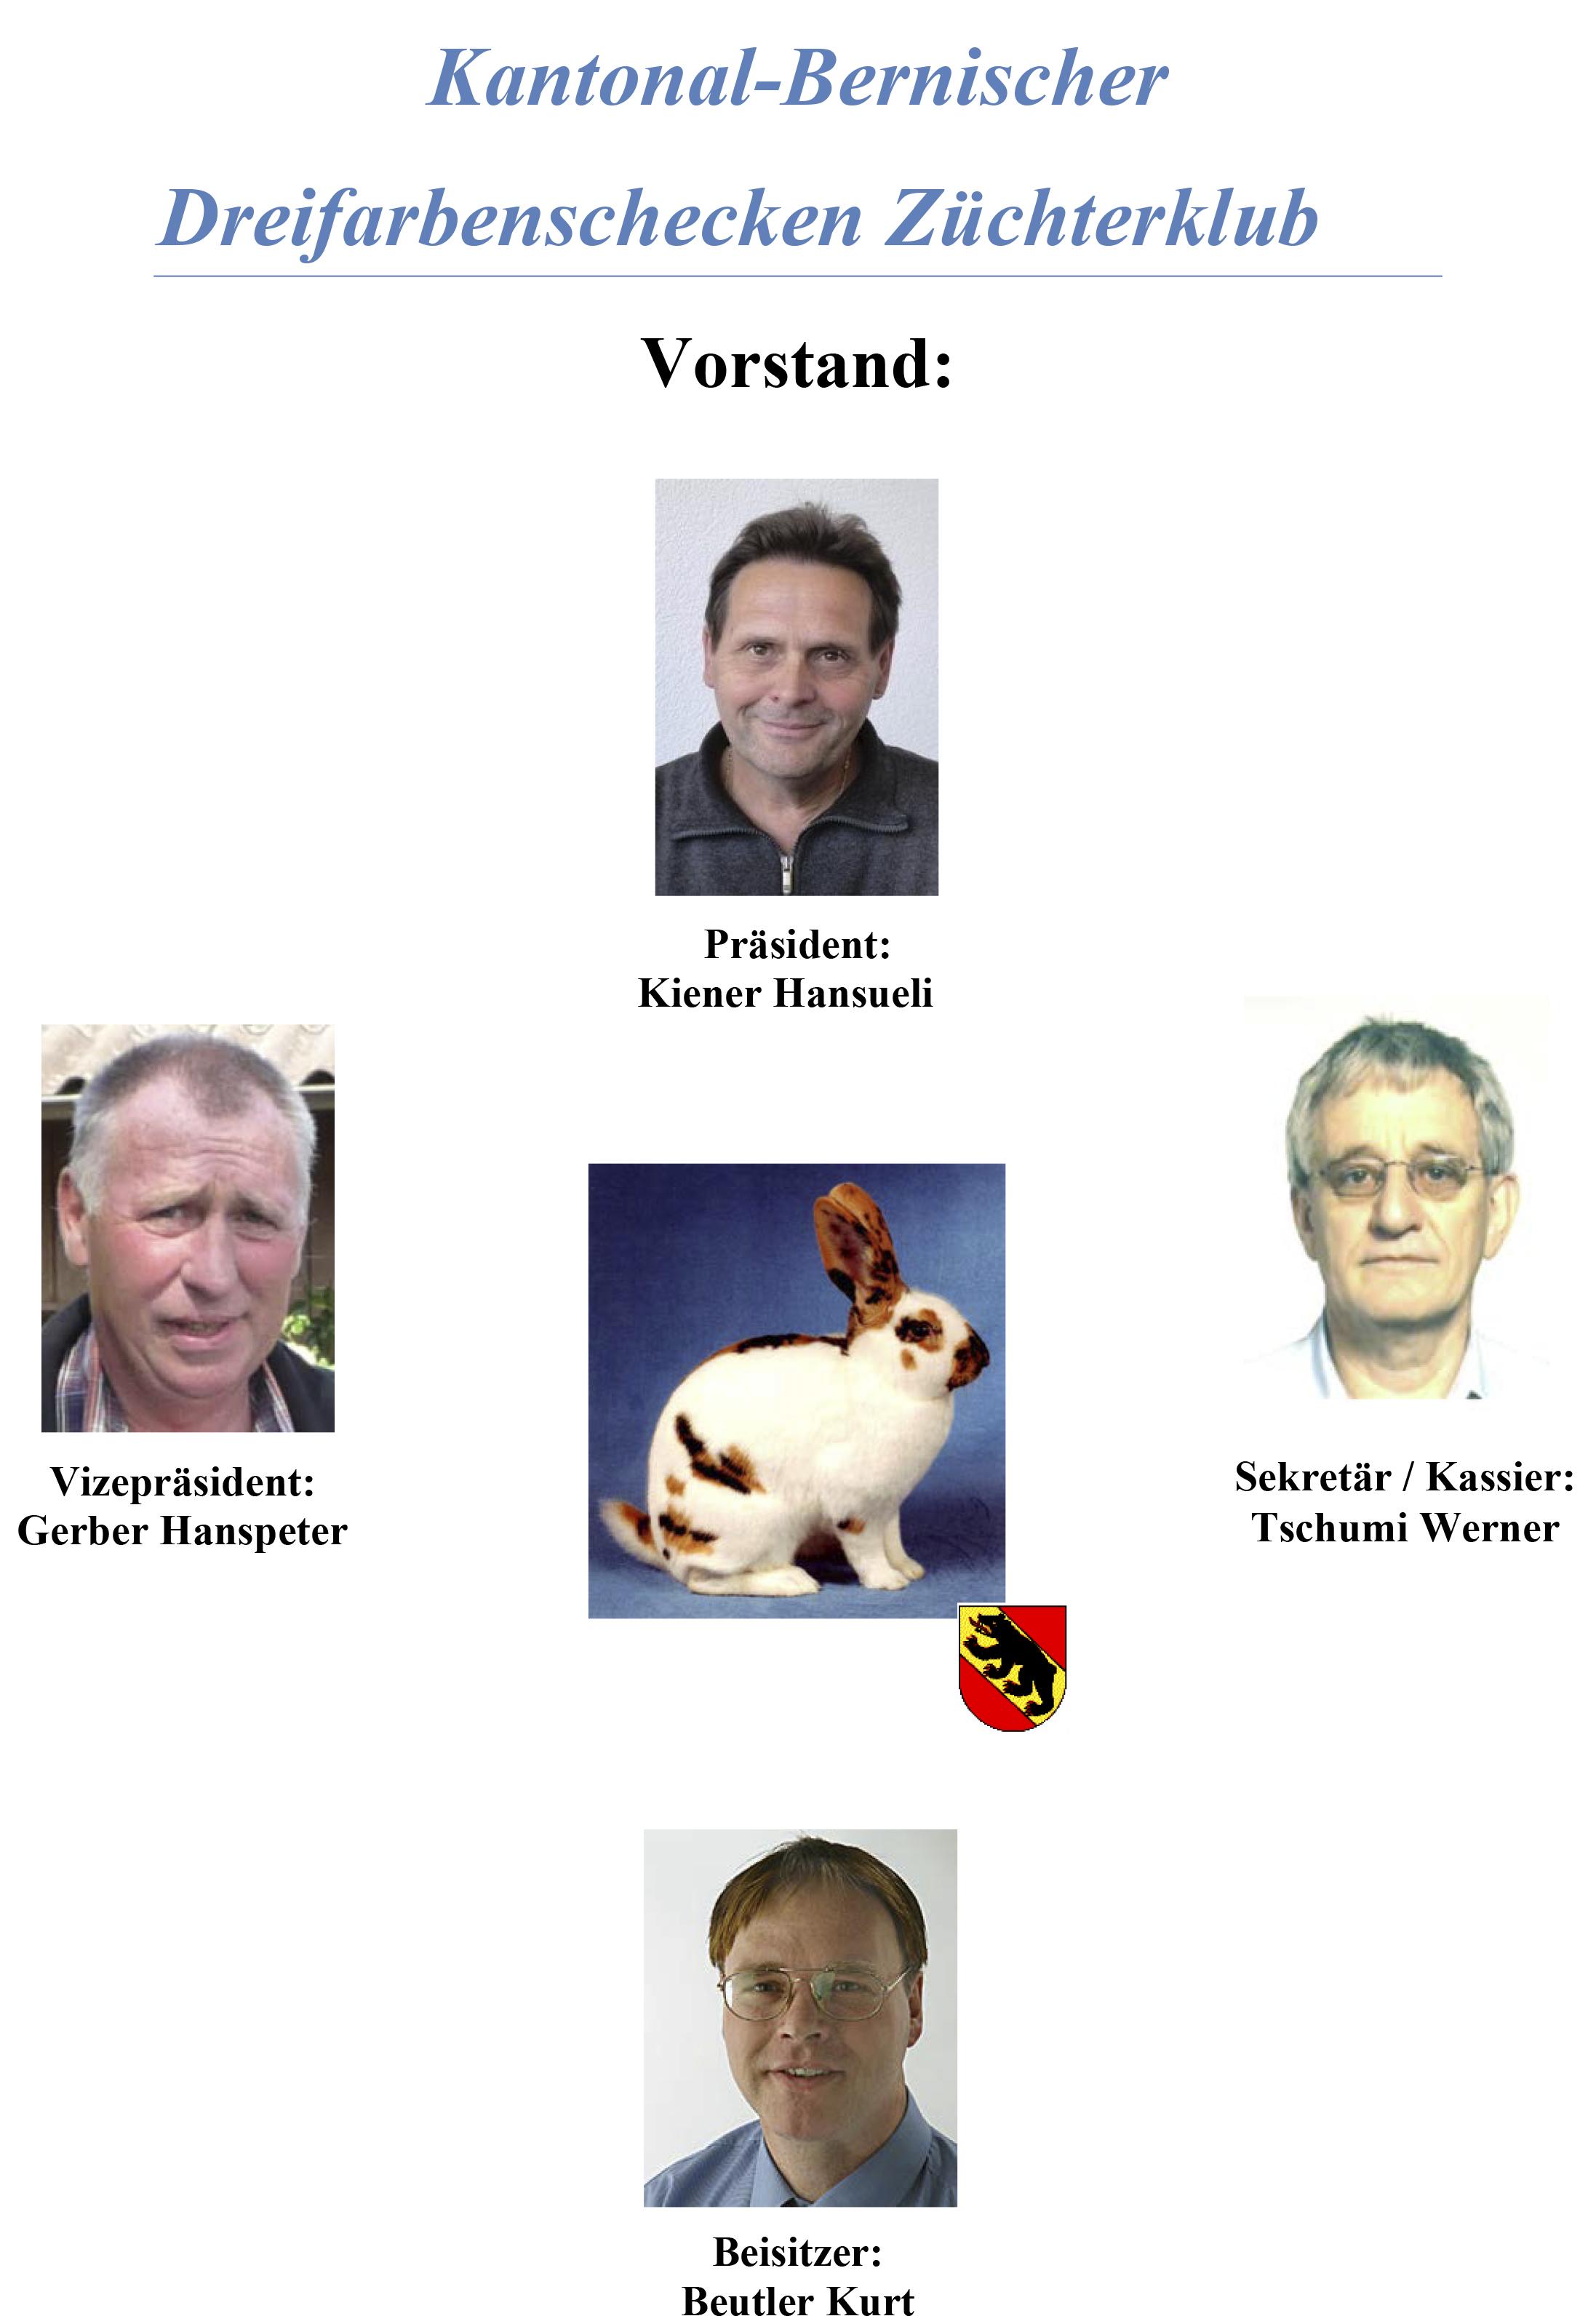 Dreifarbenschecken-Klub